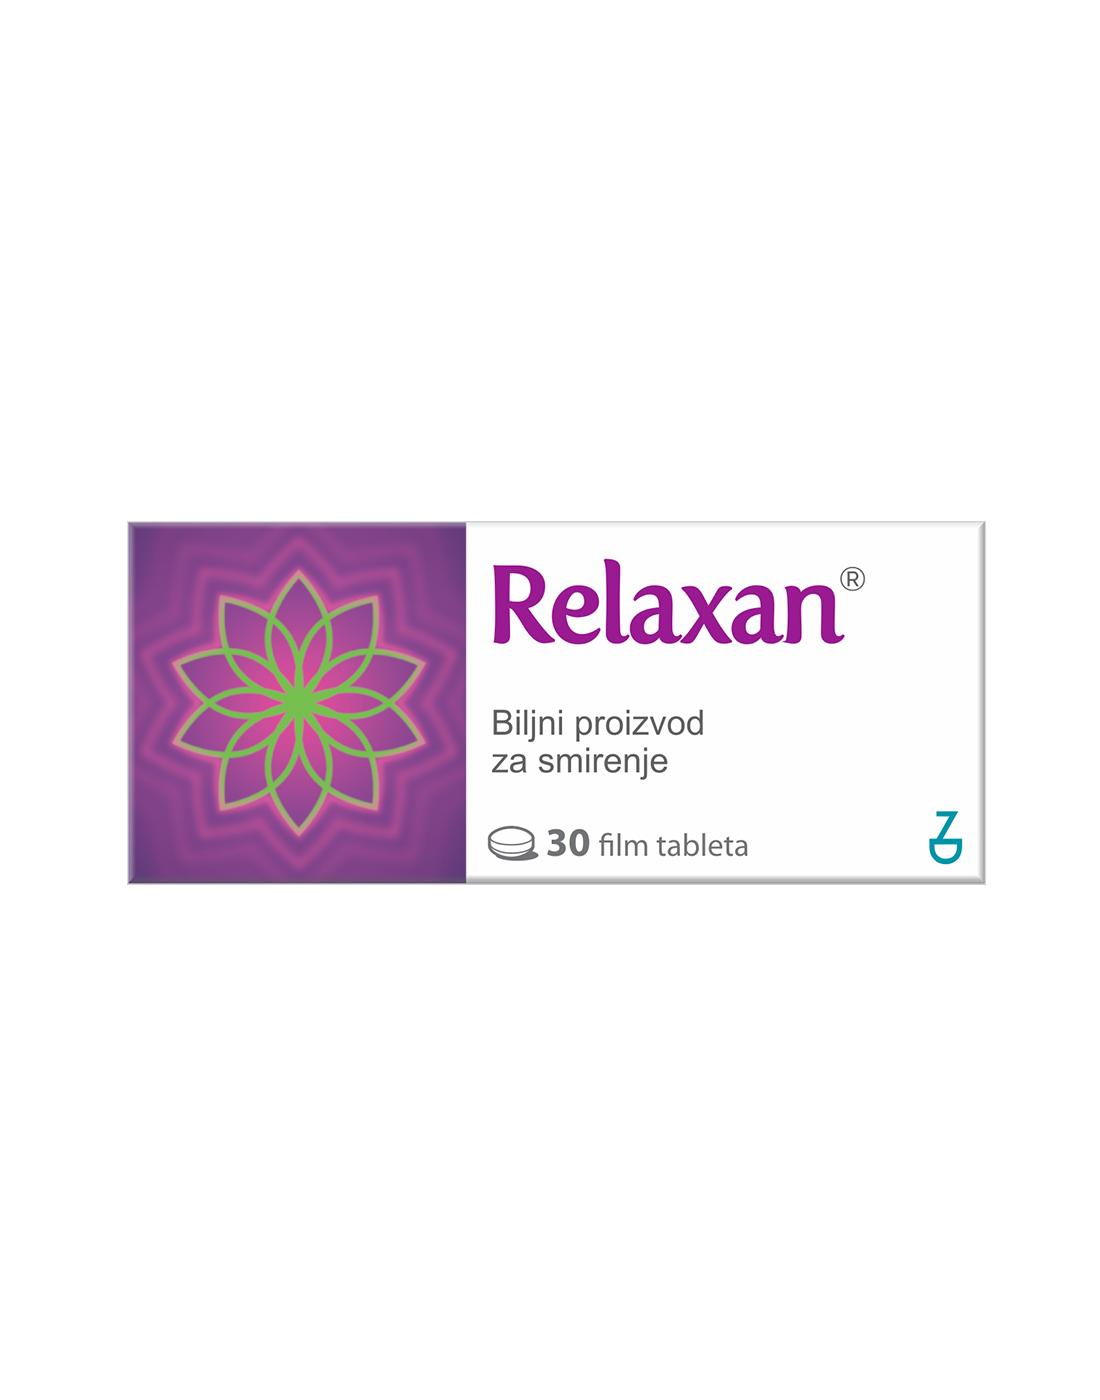 Relaxan